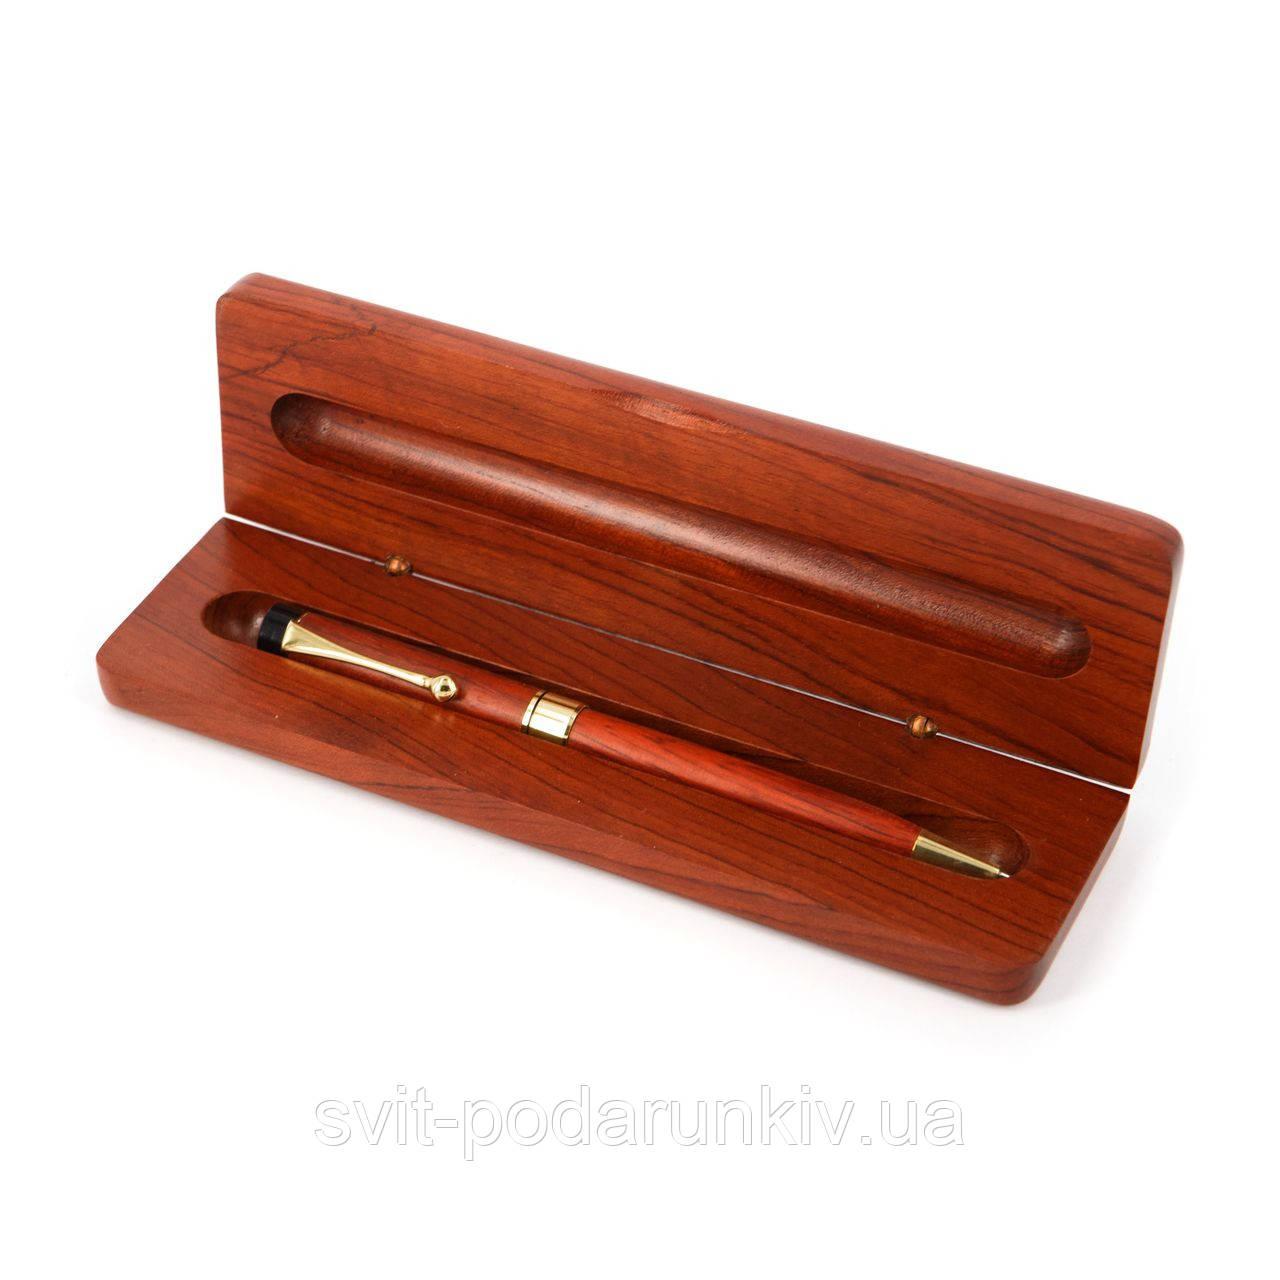 Ручка подарочная перо S3821F